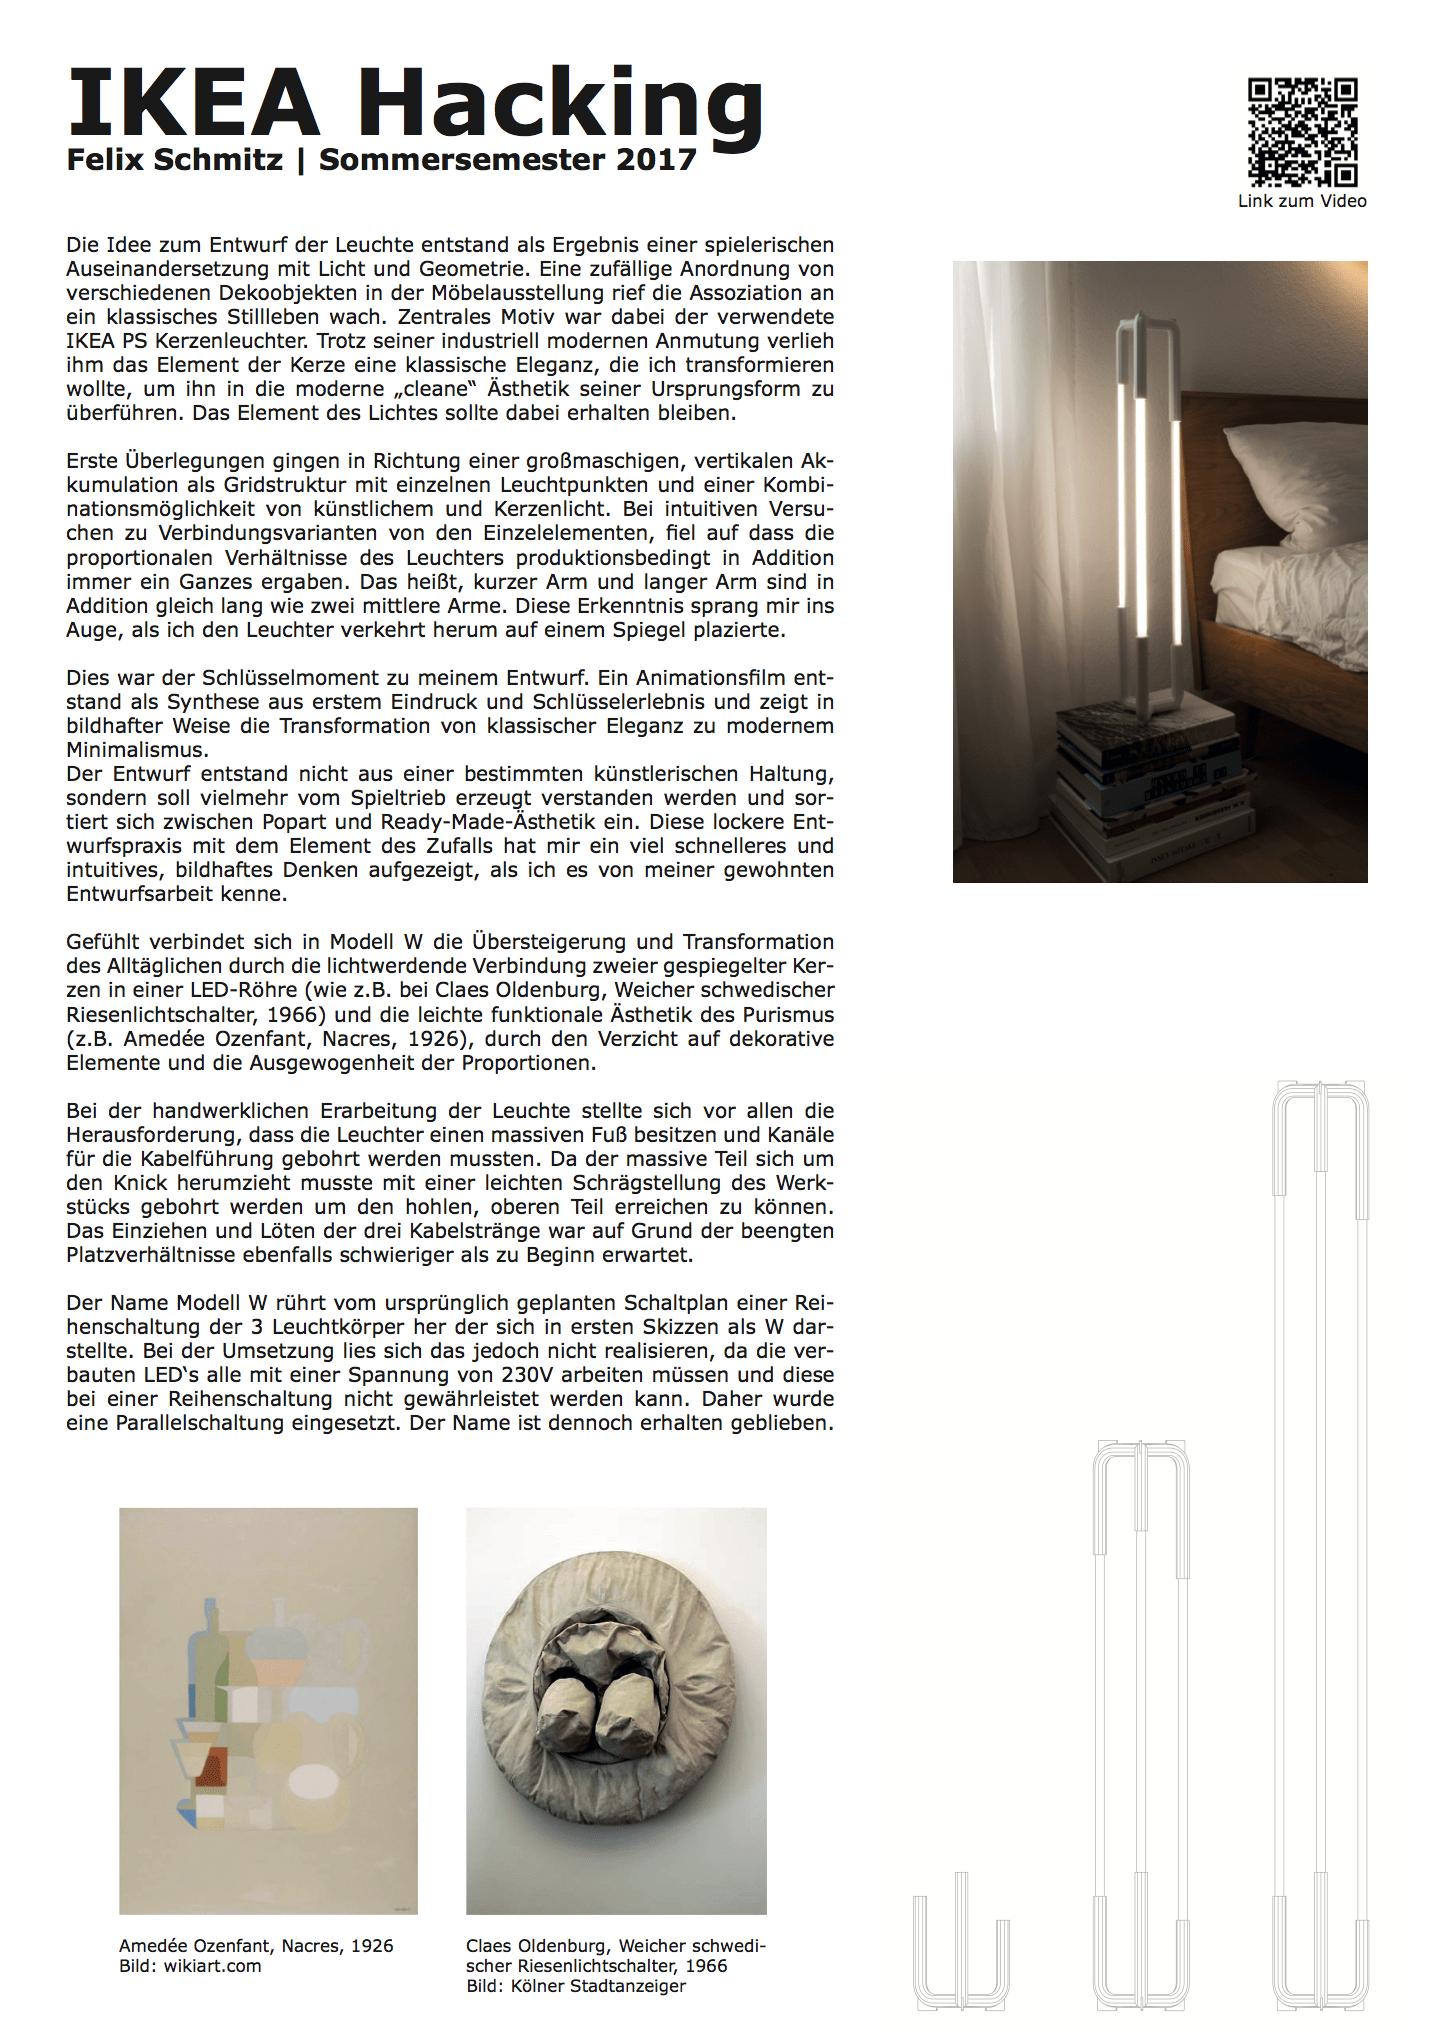 Felix Schmitz | Architektur | Design - Modell W | IKEA Hacking ...